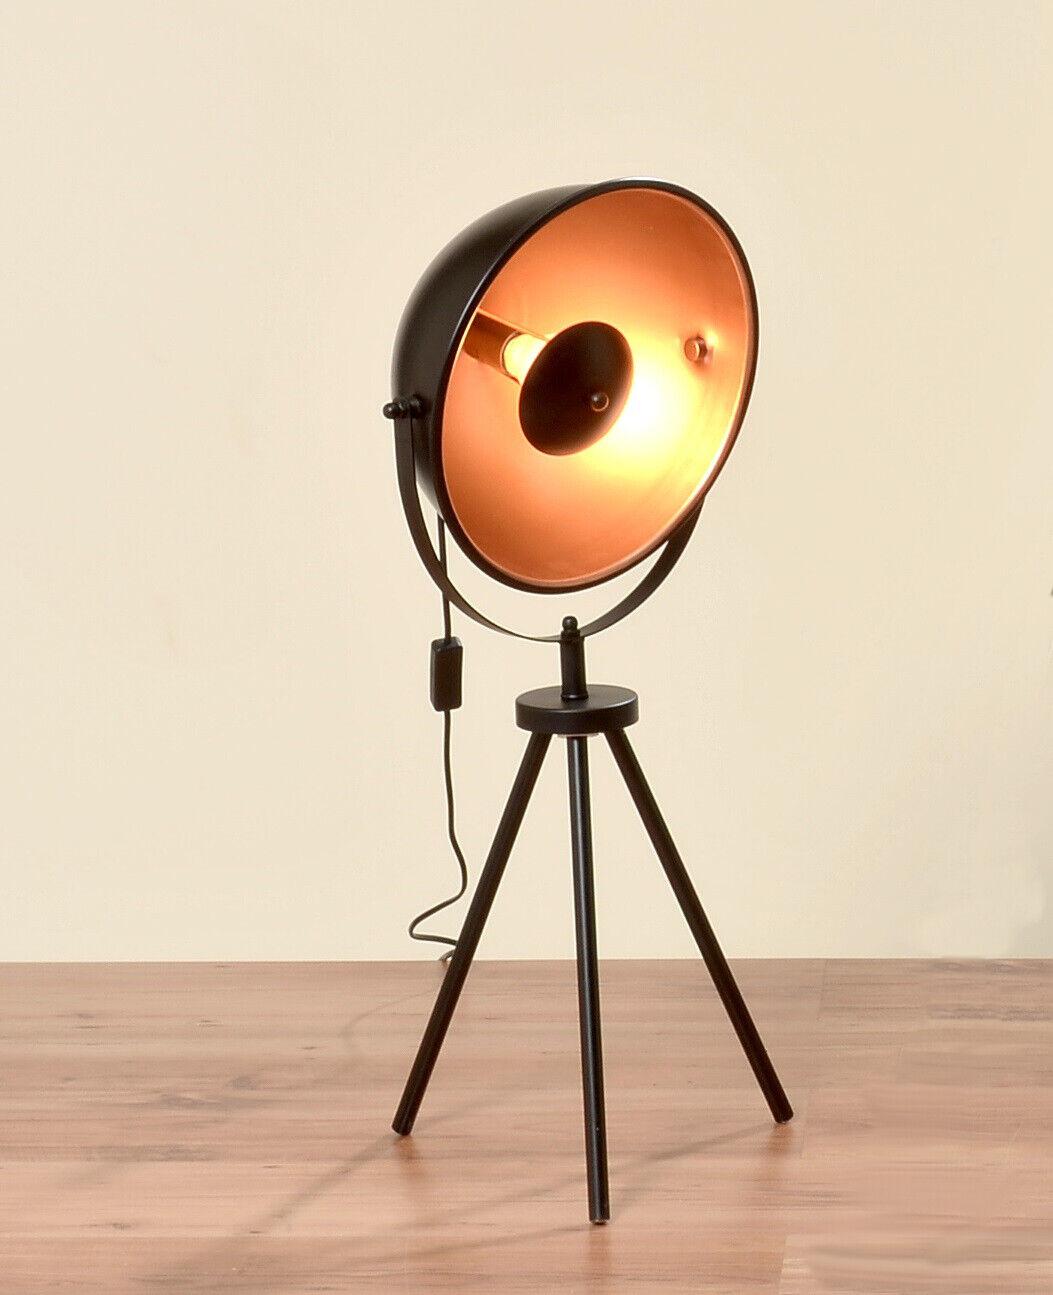 Stehlampe Studiolampe Retro Dreibein Scheinwerfer schwarz/gold verstellbar